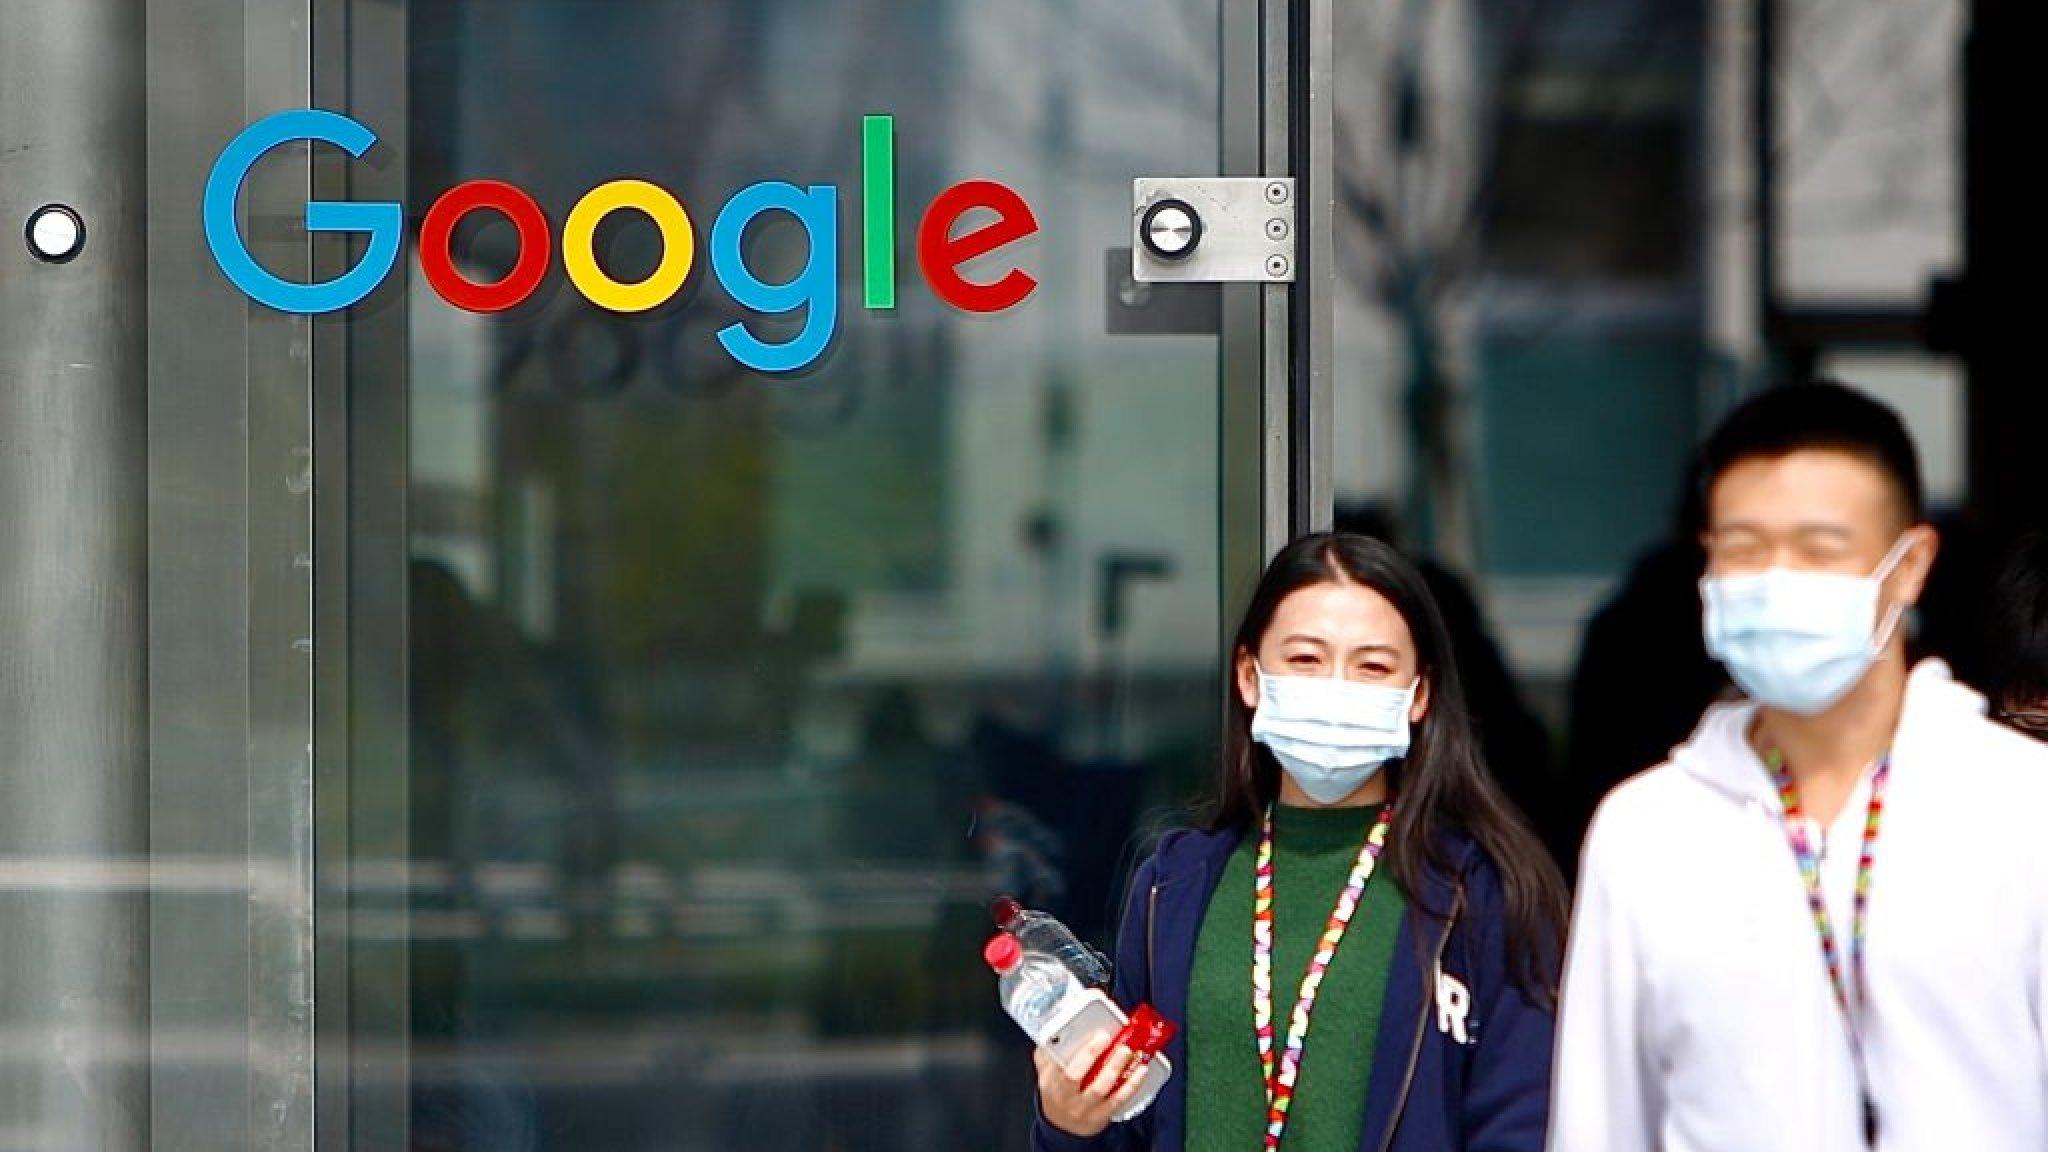 Google belooft gebruikers straks niet meer individueel te volgen - RTL Nieuws